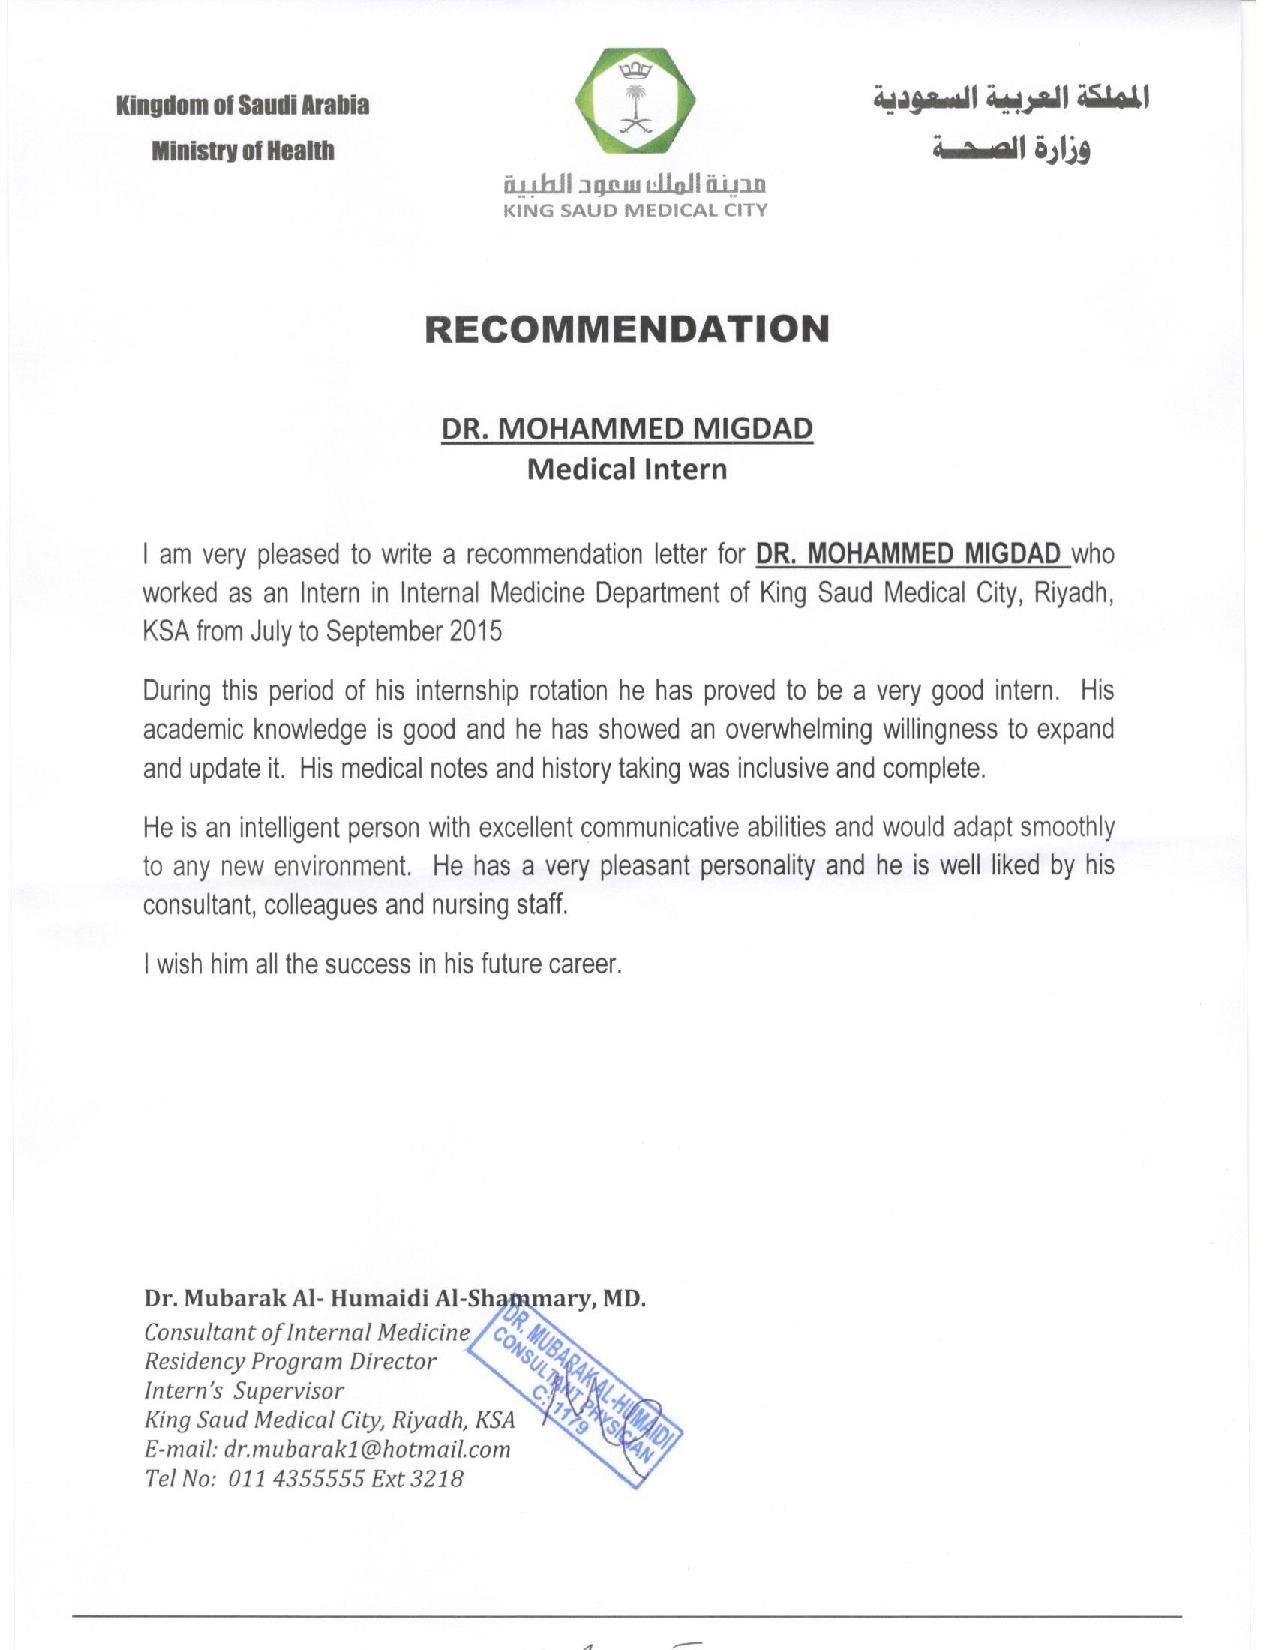 Mohammed ayman migdad bayt recommendation letter 2 mitanshu Images